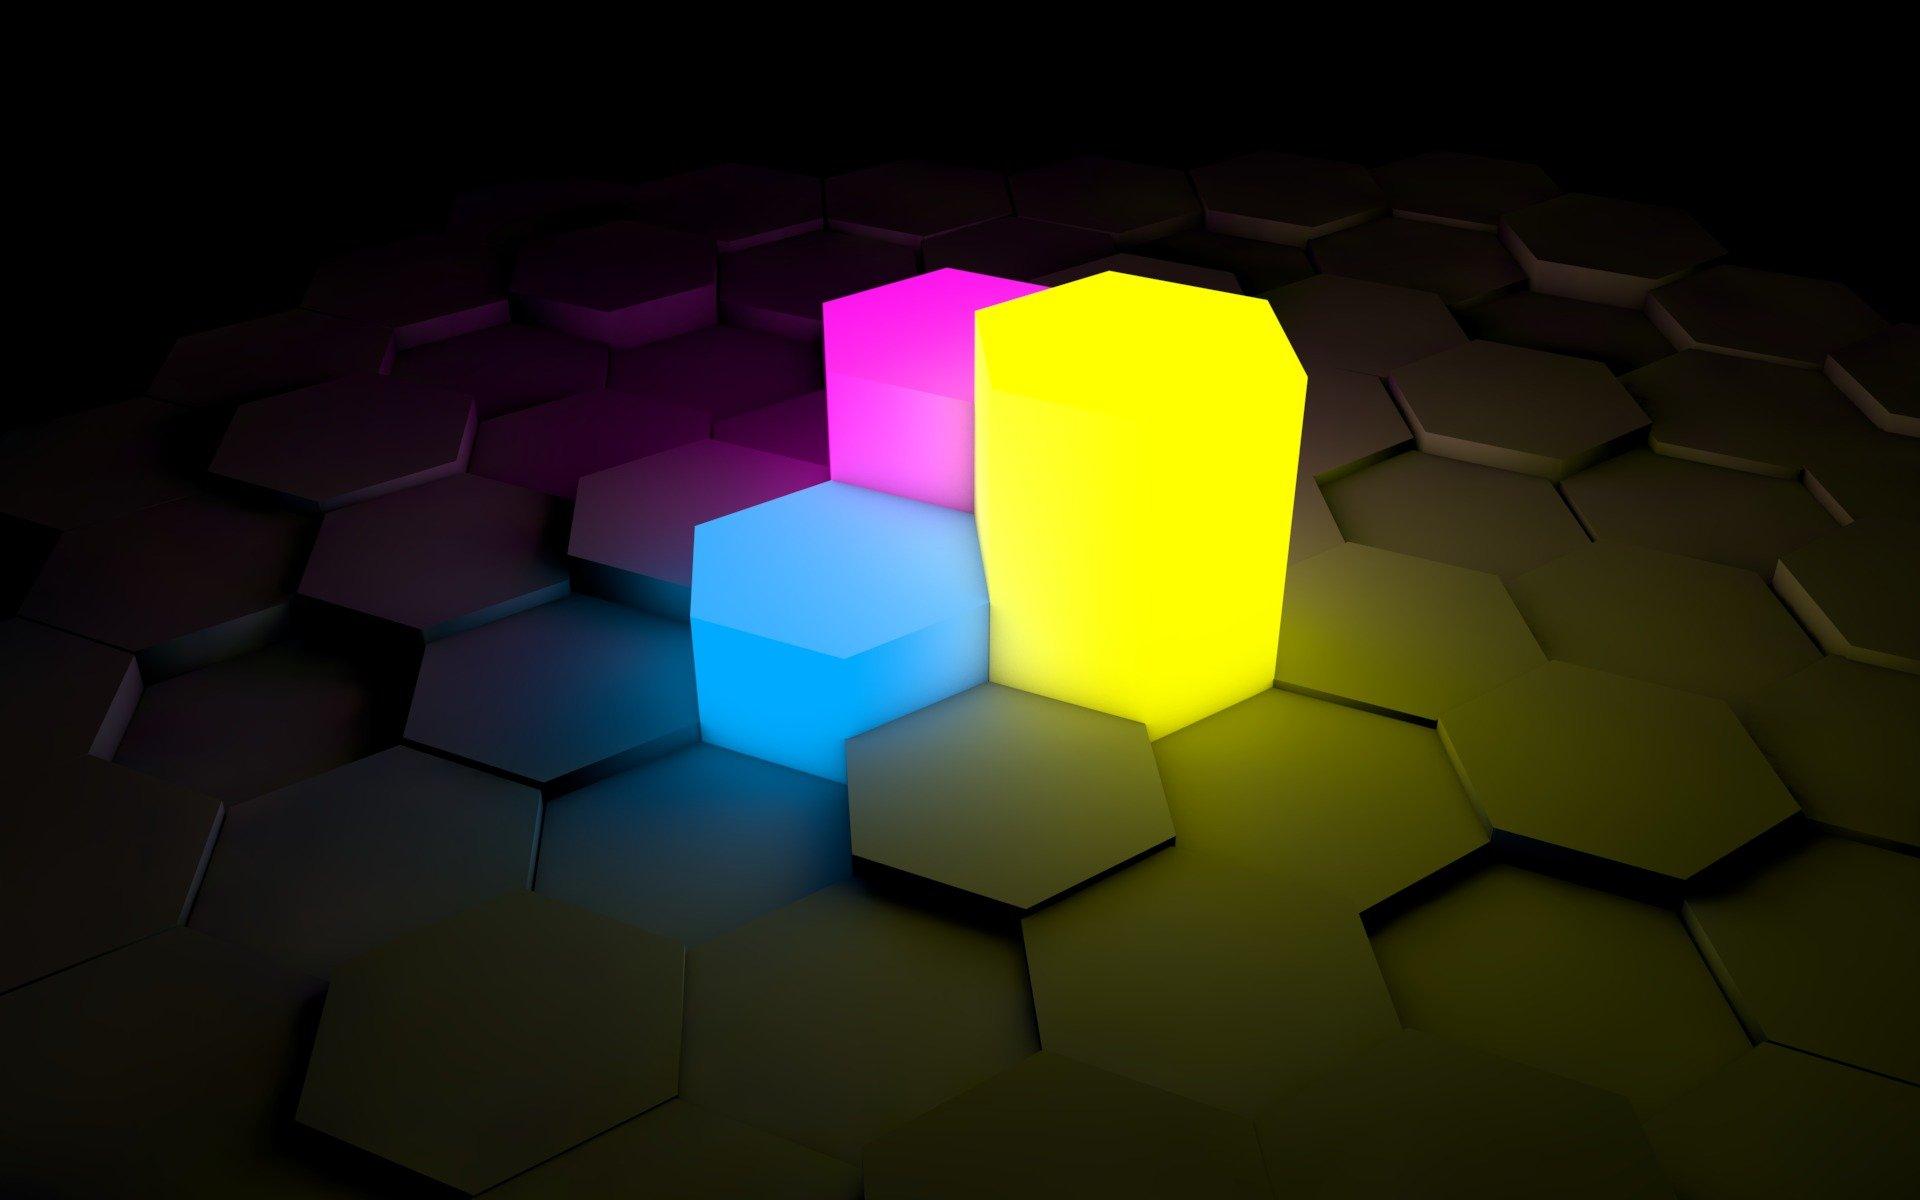 Фигуры свет цвета  № 3528312 без смс